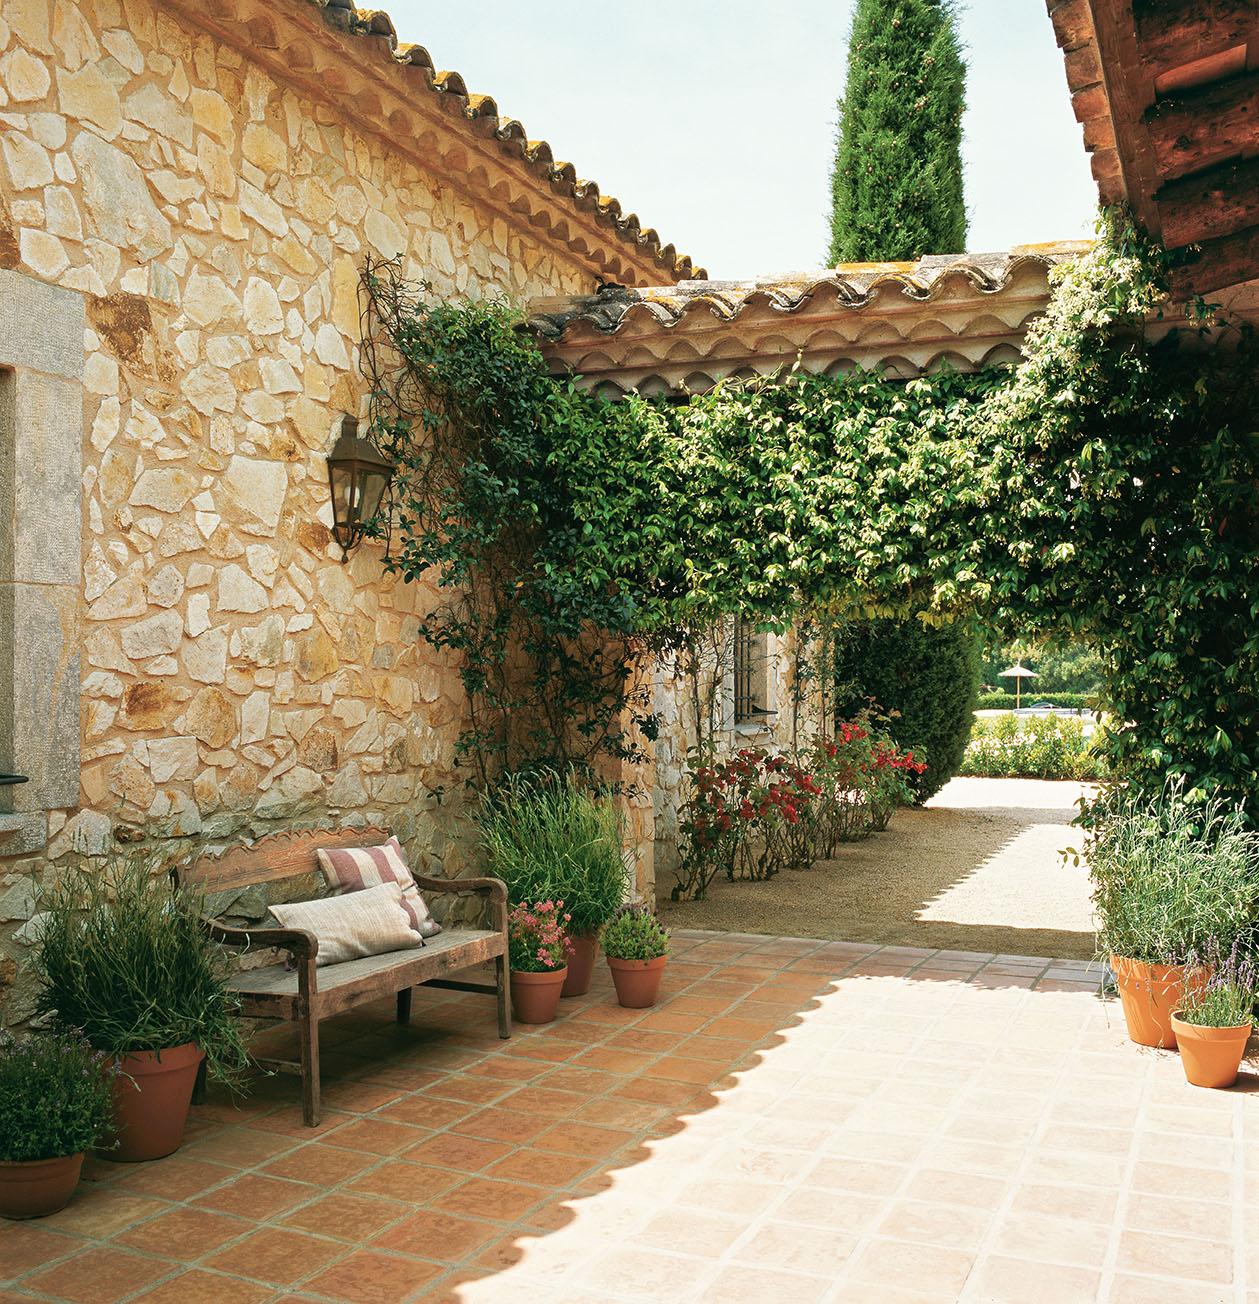 Mas a restaurada con estilo franc s - Conillas garden center ...